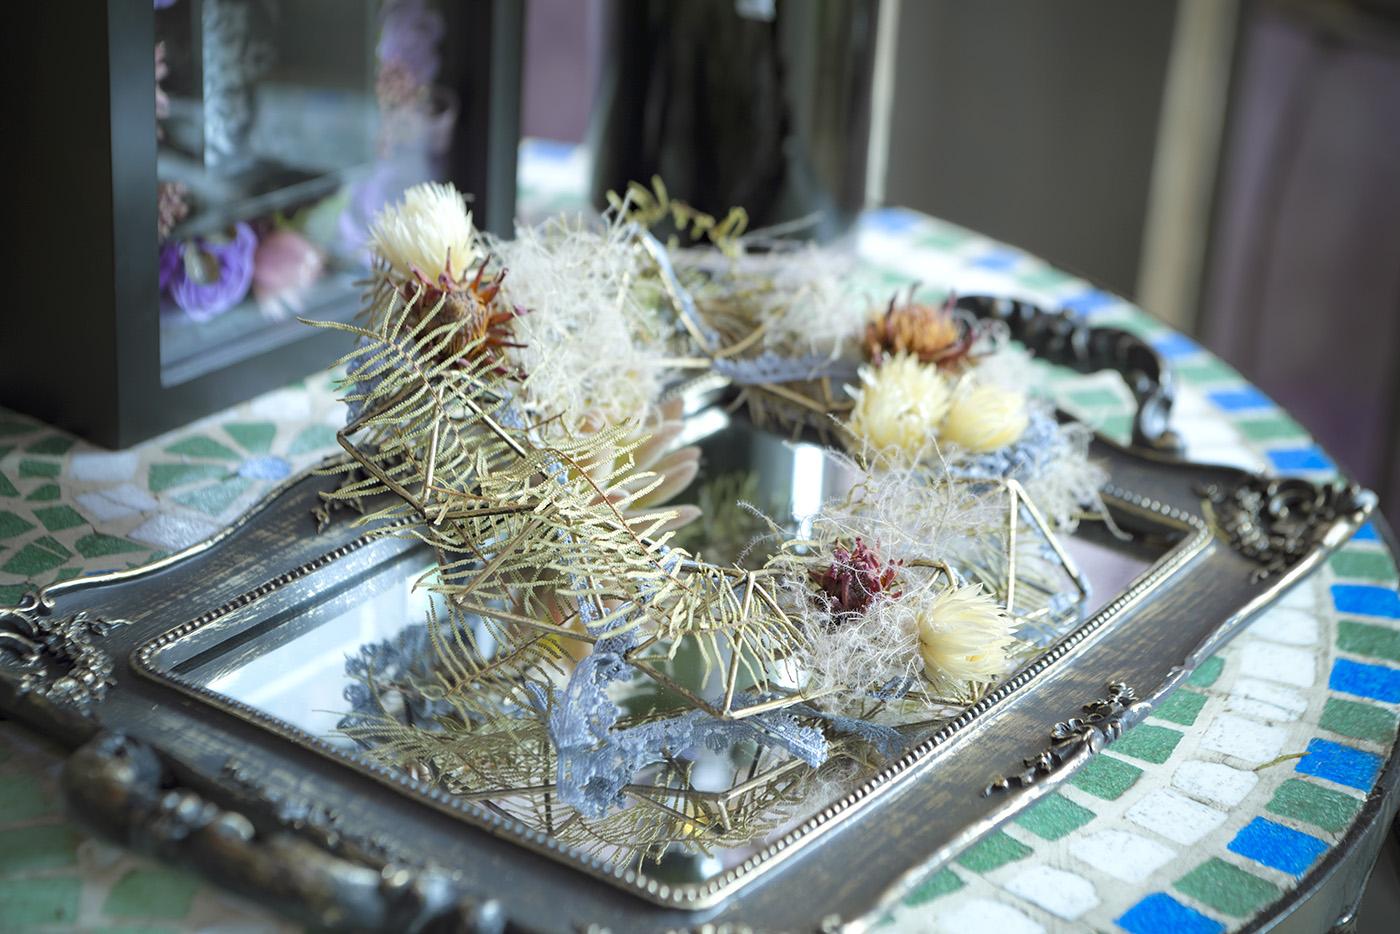 くすんだゴールド系の素材のトレイ、その上に装飾された植物